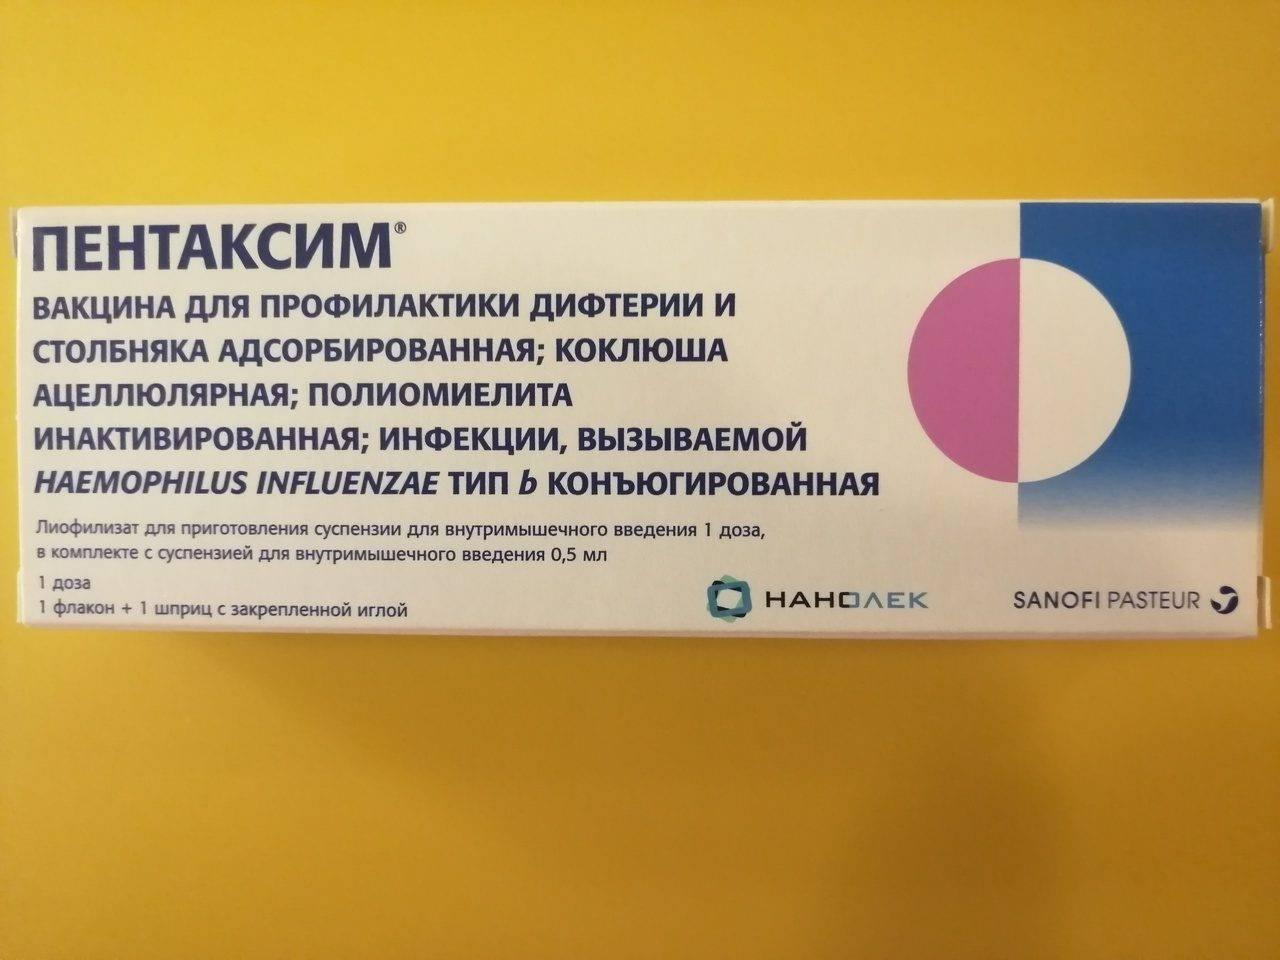 Прививка пентаксим: от чего проводится, техника проведения